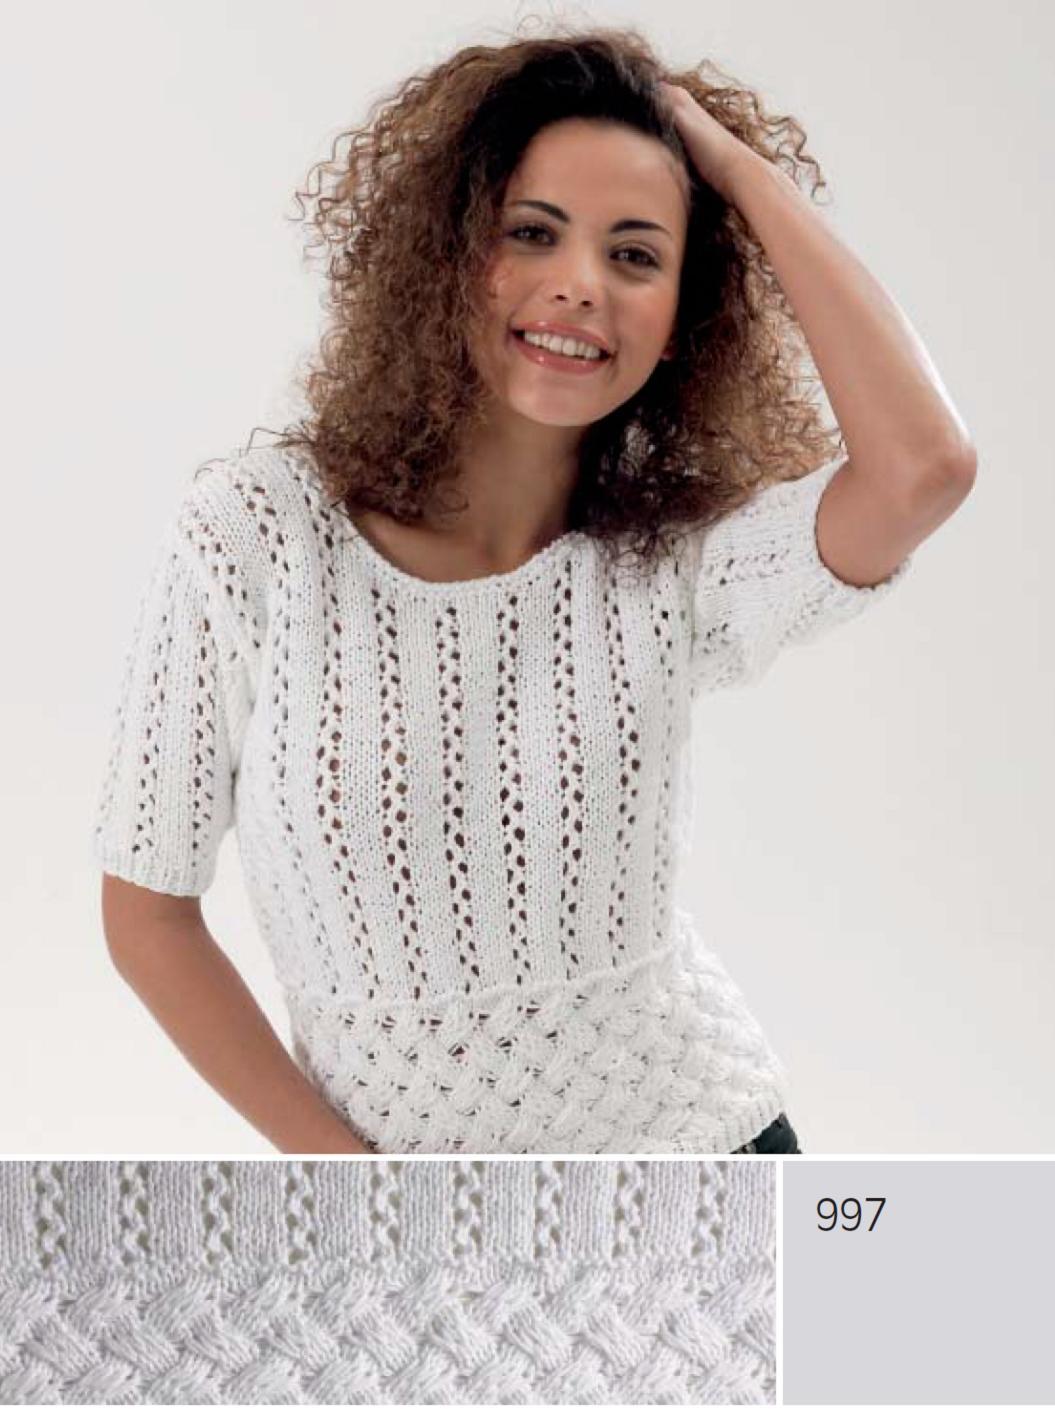 Пуловер спицами с короткими руками Самые красивые узоры спицами